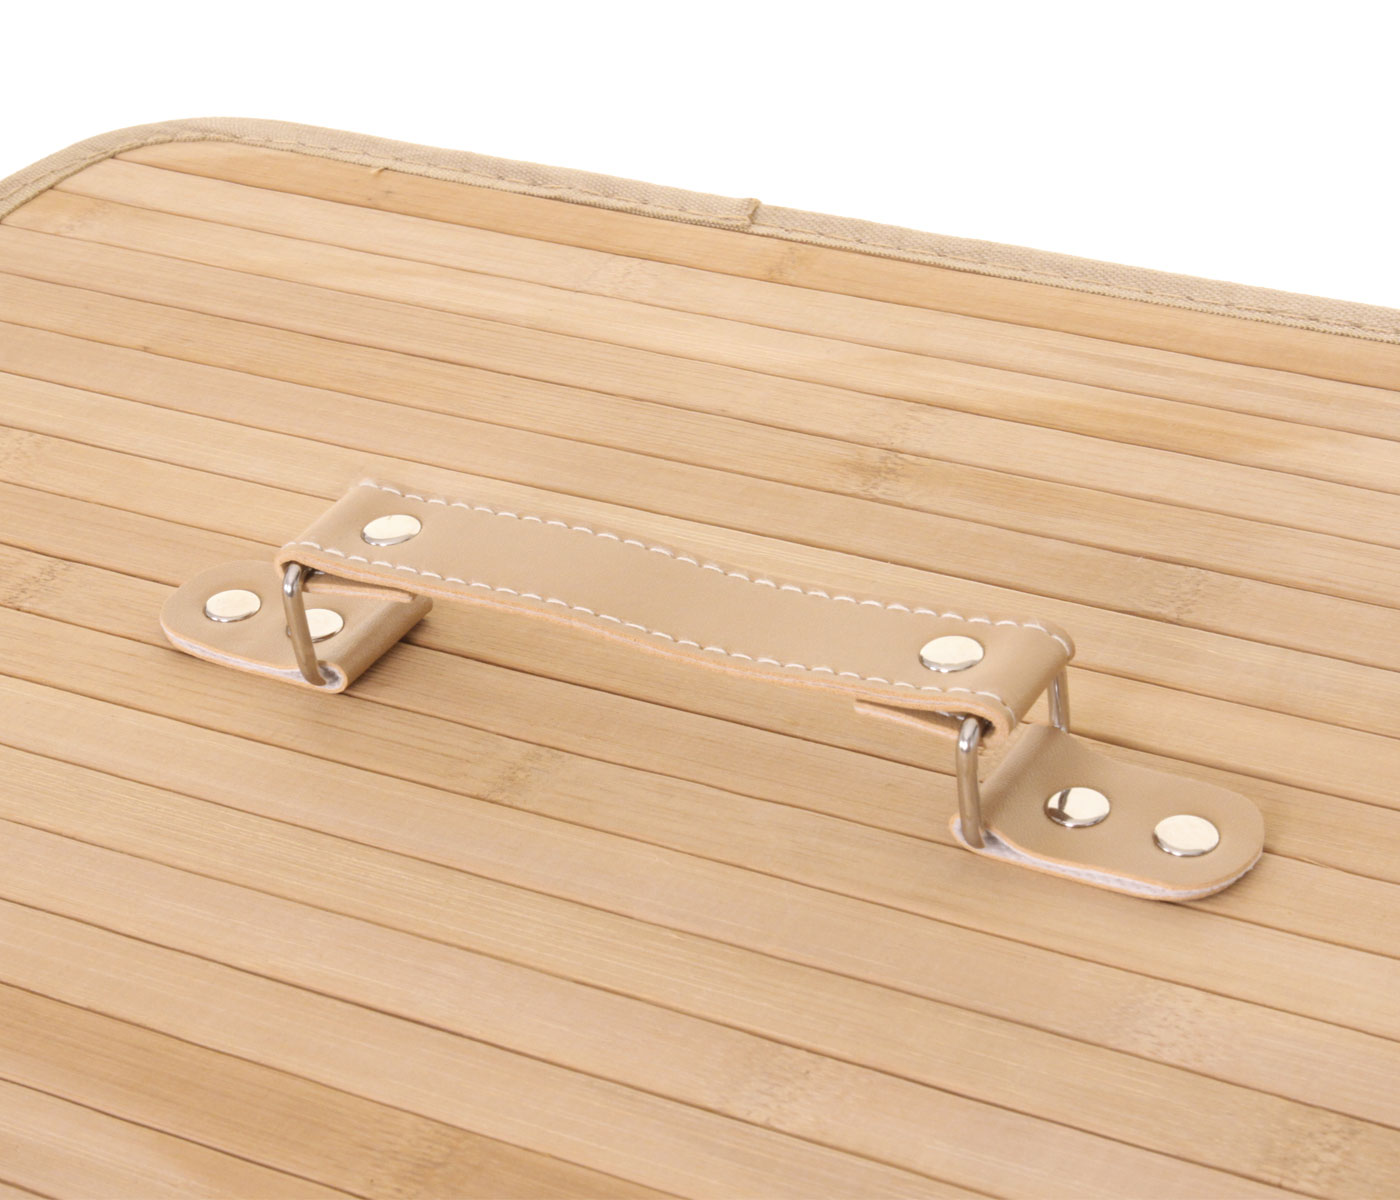 w schekorb hwc c21 laundry w schebox w schesammler w schebeh lter bambus 2 f cher 63x55x34cm. Black Bedroom Furniture Sets. Home Design Ideas